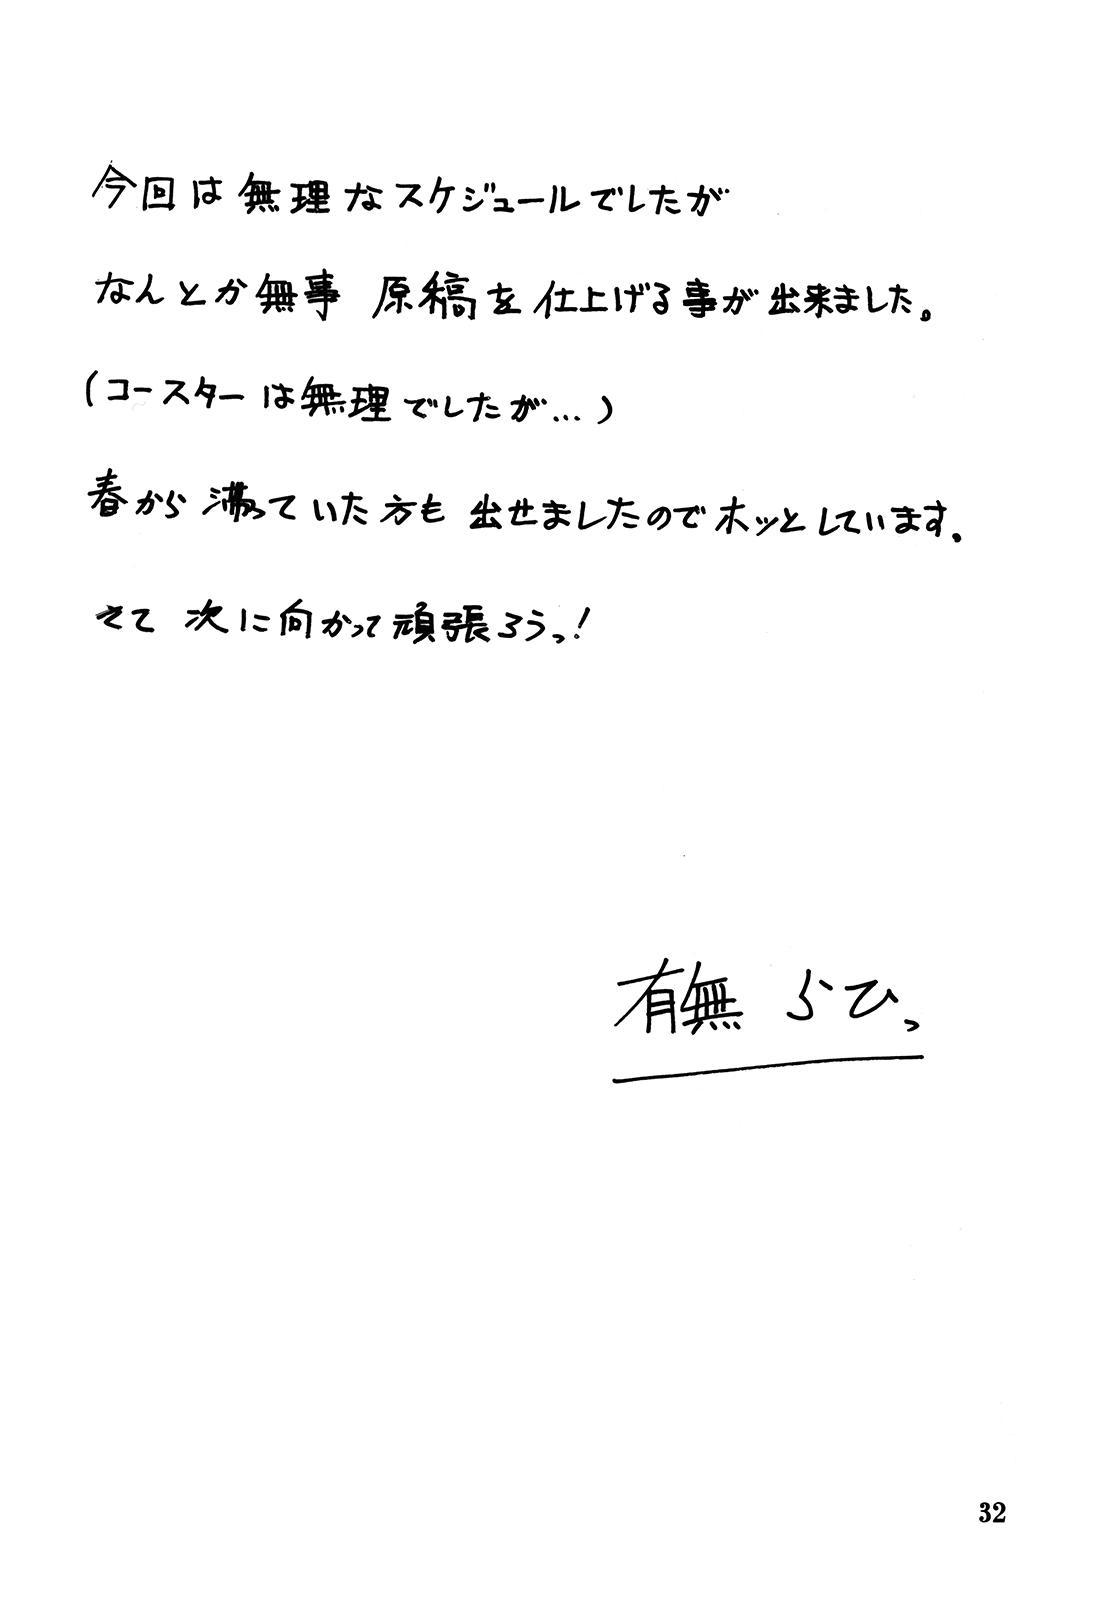 Ikusora no iro - Kinue 31